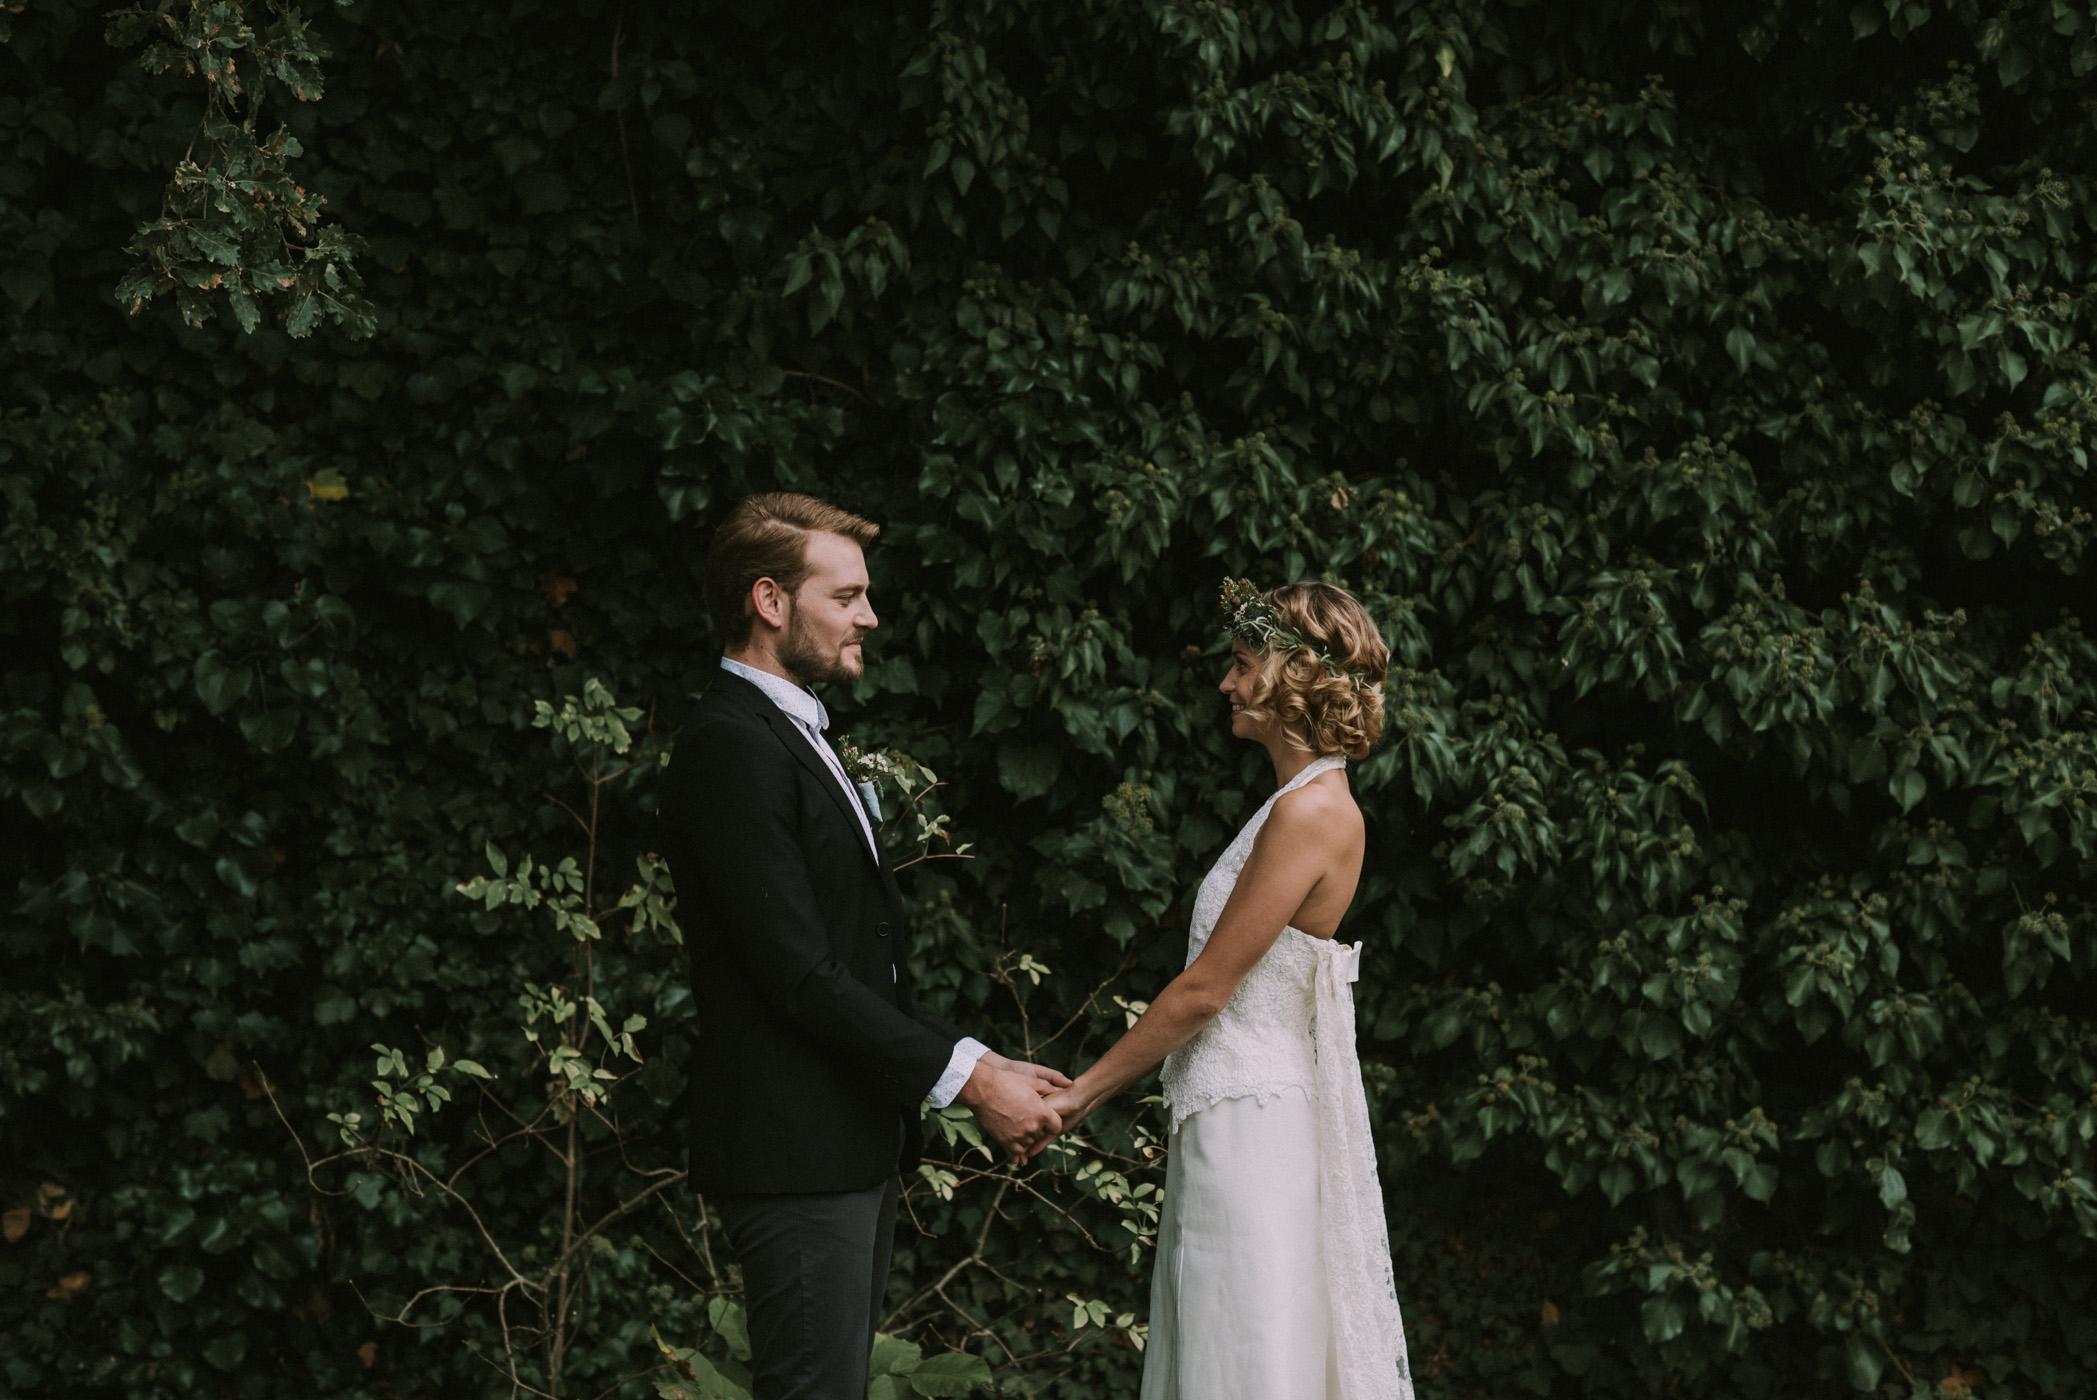 sun-drops-down-shooting-dinspiration-automnal-sous-les-bois-en-dordogne-blog-mariage-la-mariee-sous-les-etoiles-photo-mira-al-pajarito-52